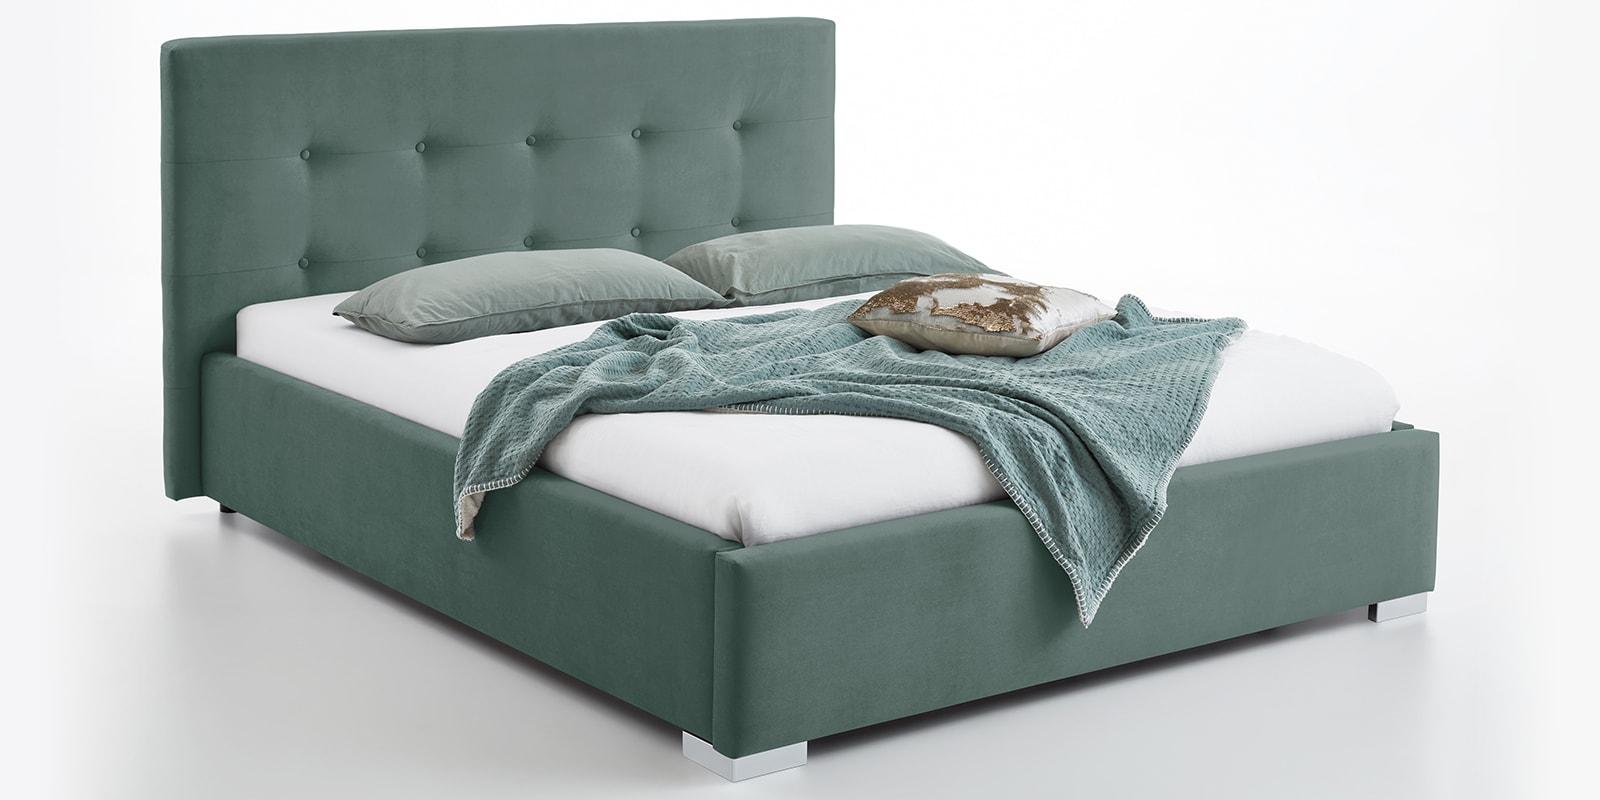 Moebella24 - Bett - mit - Bettkasten - Betty - Samt - Mint - Stauraum - Kopfteil - mit - Knopfheftung - Von - vorne - links